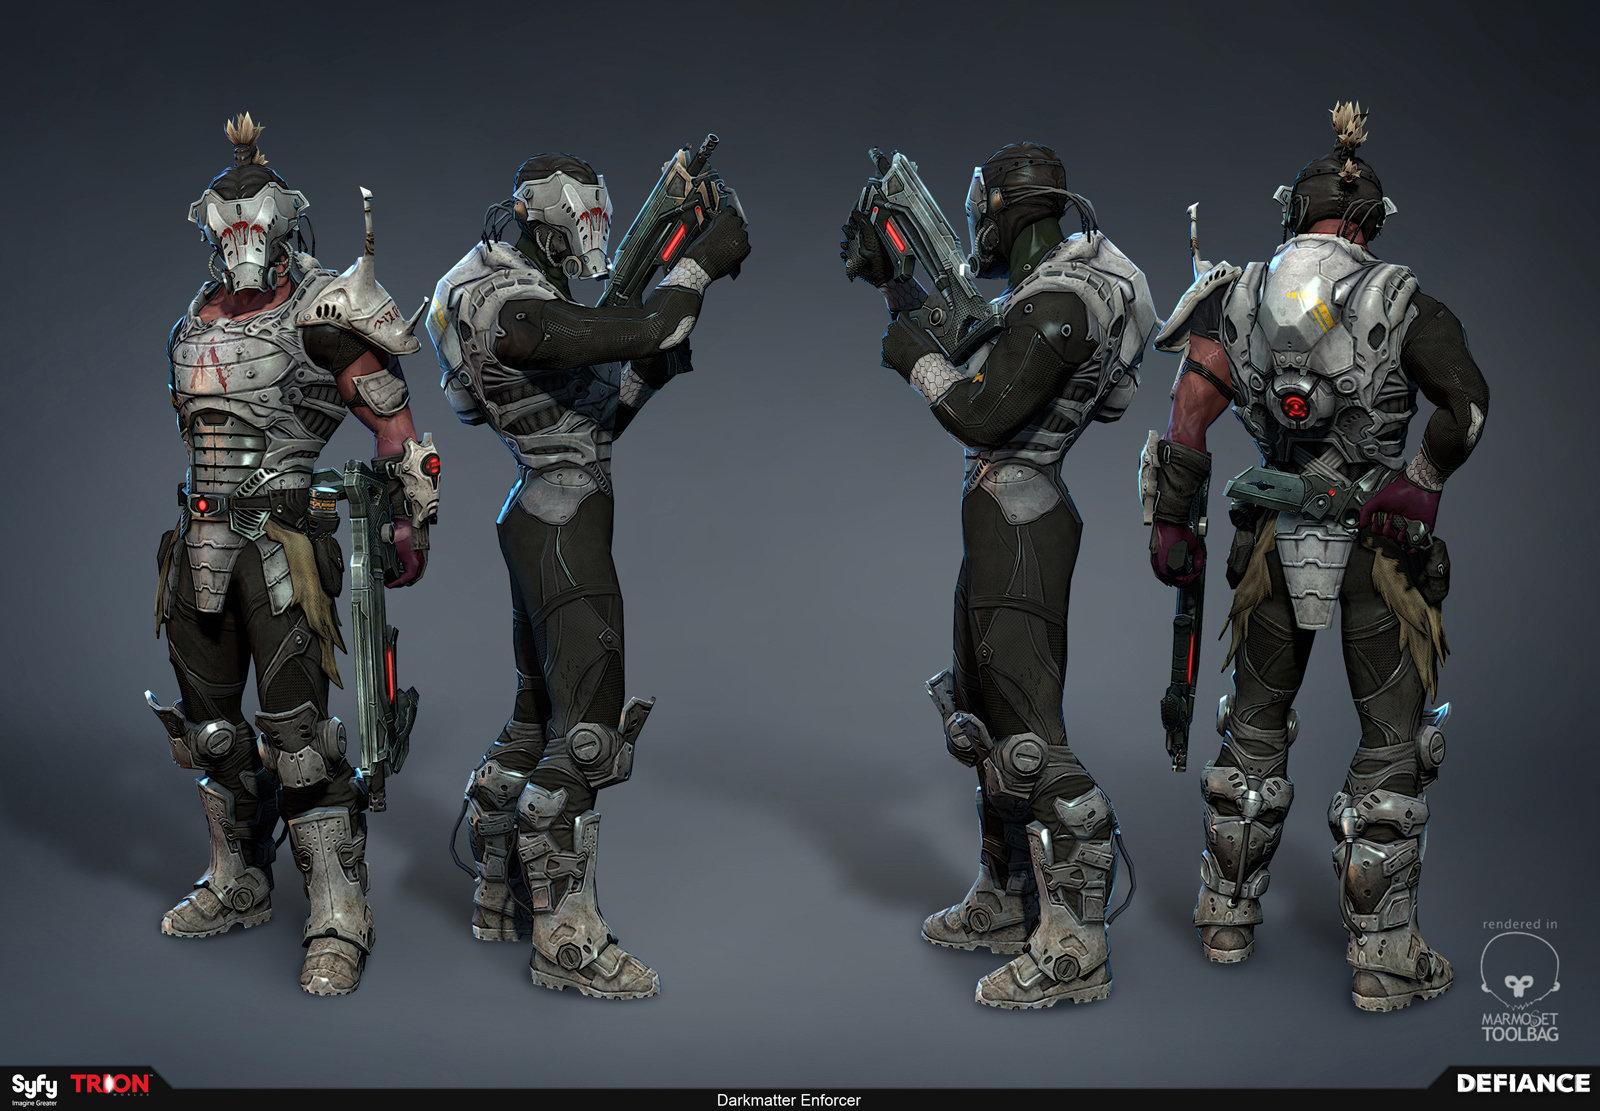 Defiance - Darkmatter Soldiers